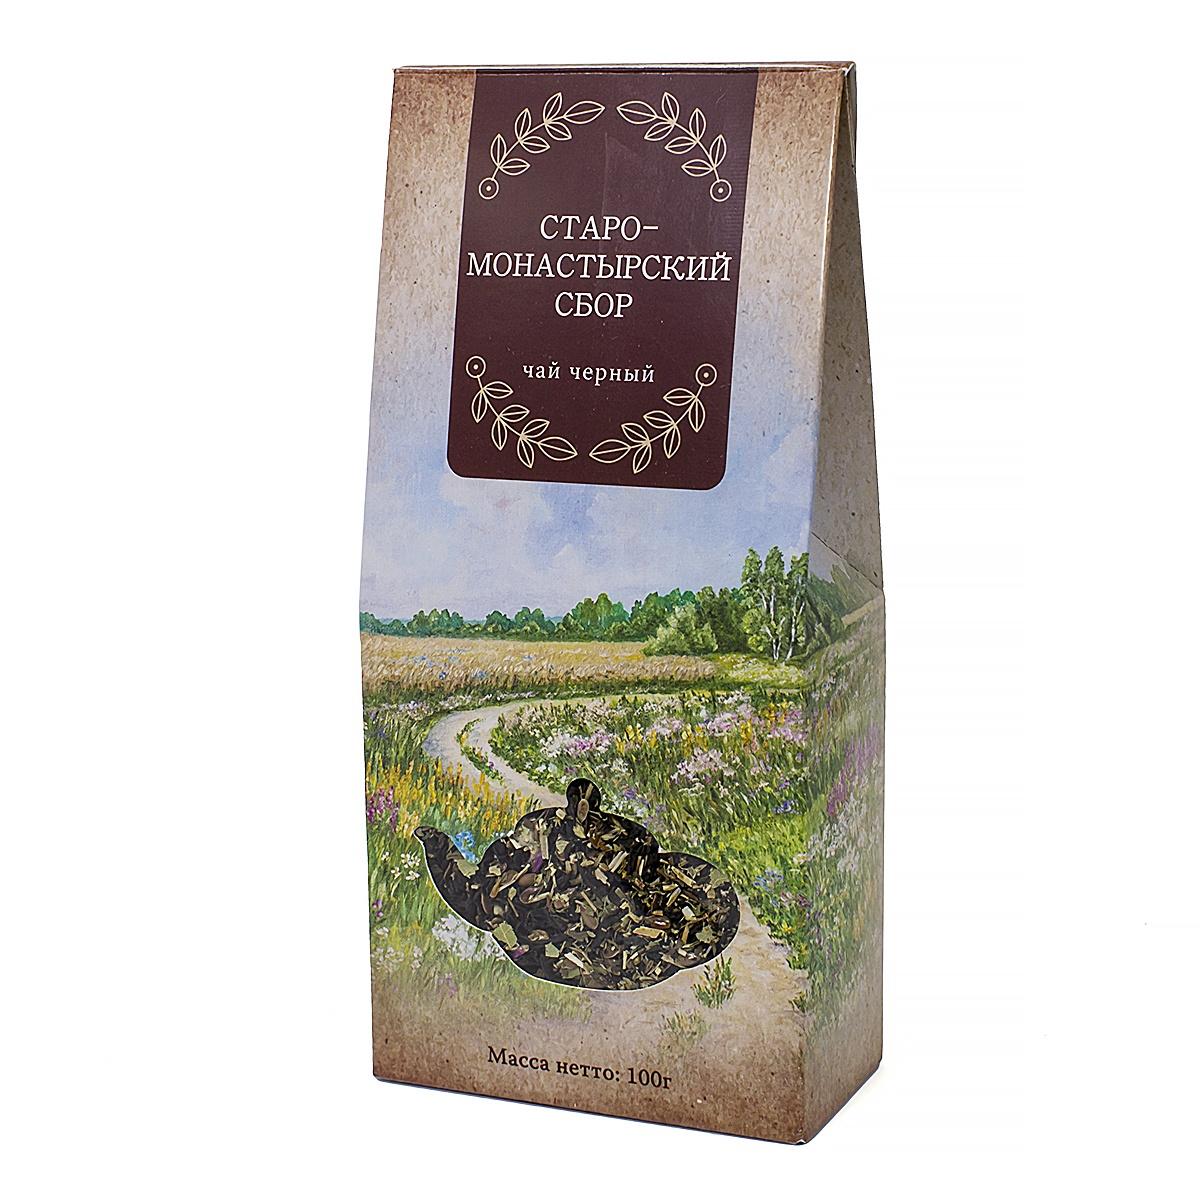 Чай чёрный Старомонастырский сбор, 100 г сбор грудной 3 пачка 50 г здоровье